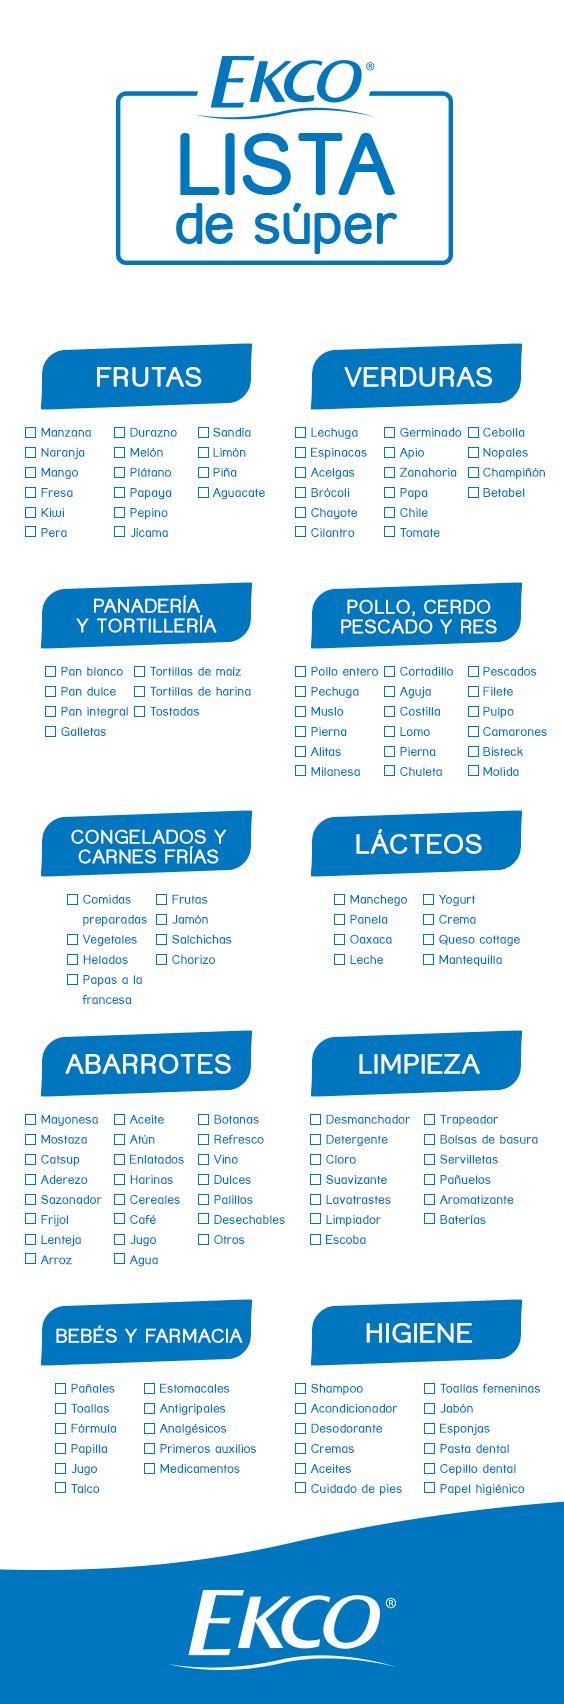 Antes de ir al súper, imprime este listado y selecciona cuáles son los productos que necesitas.